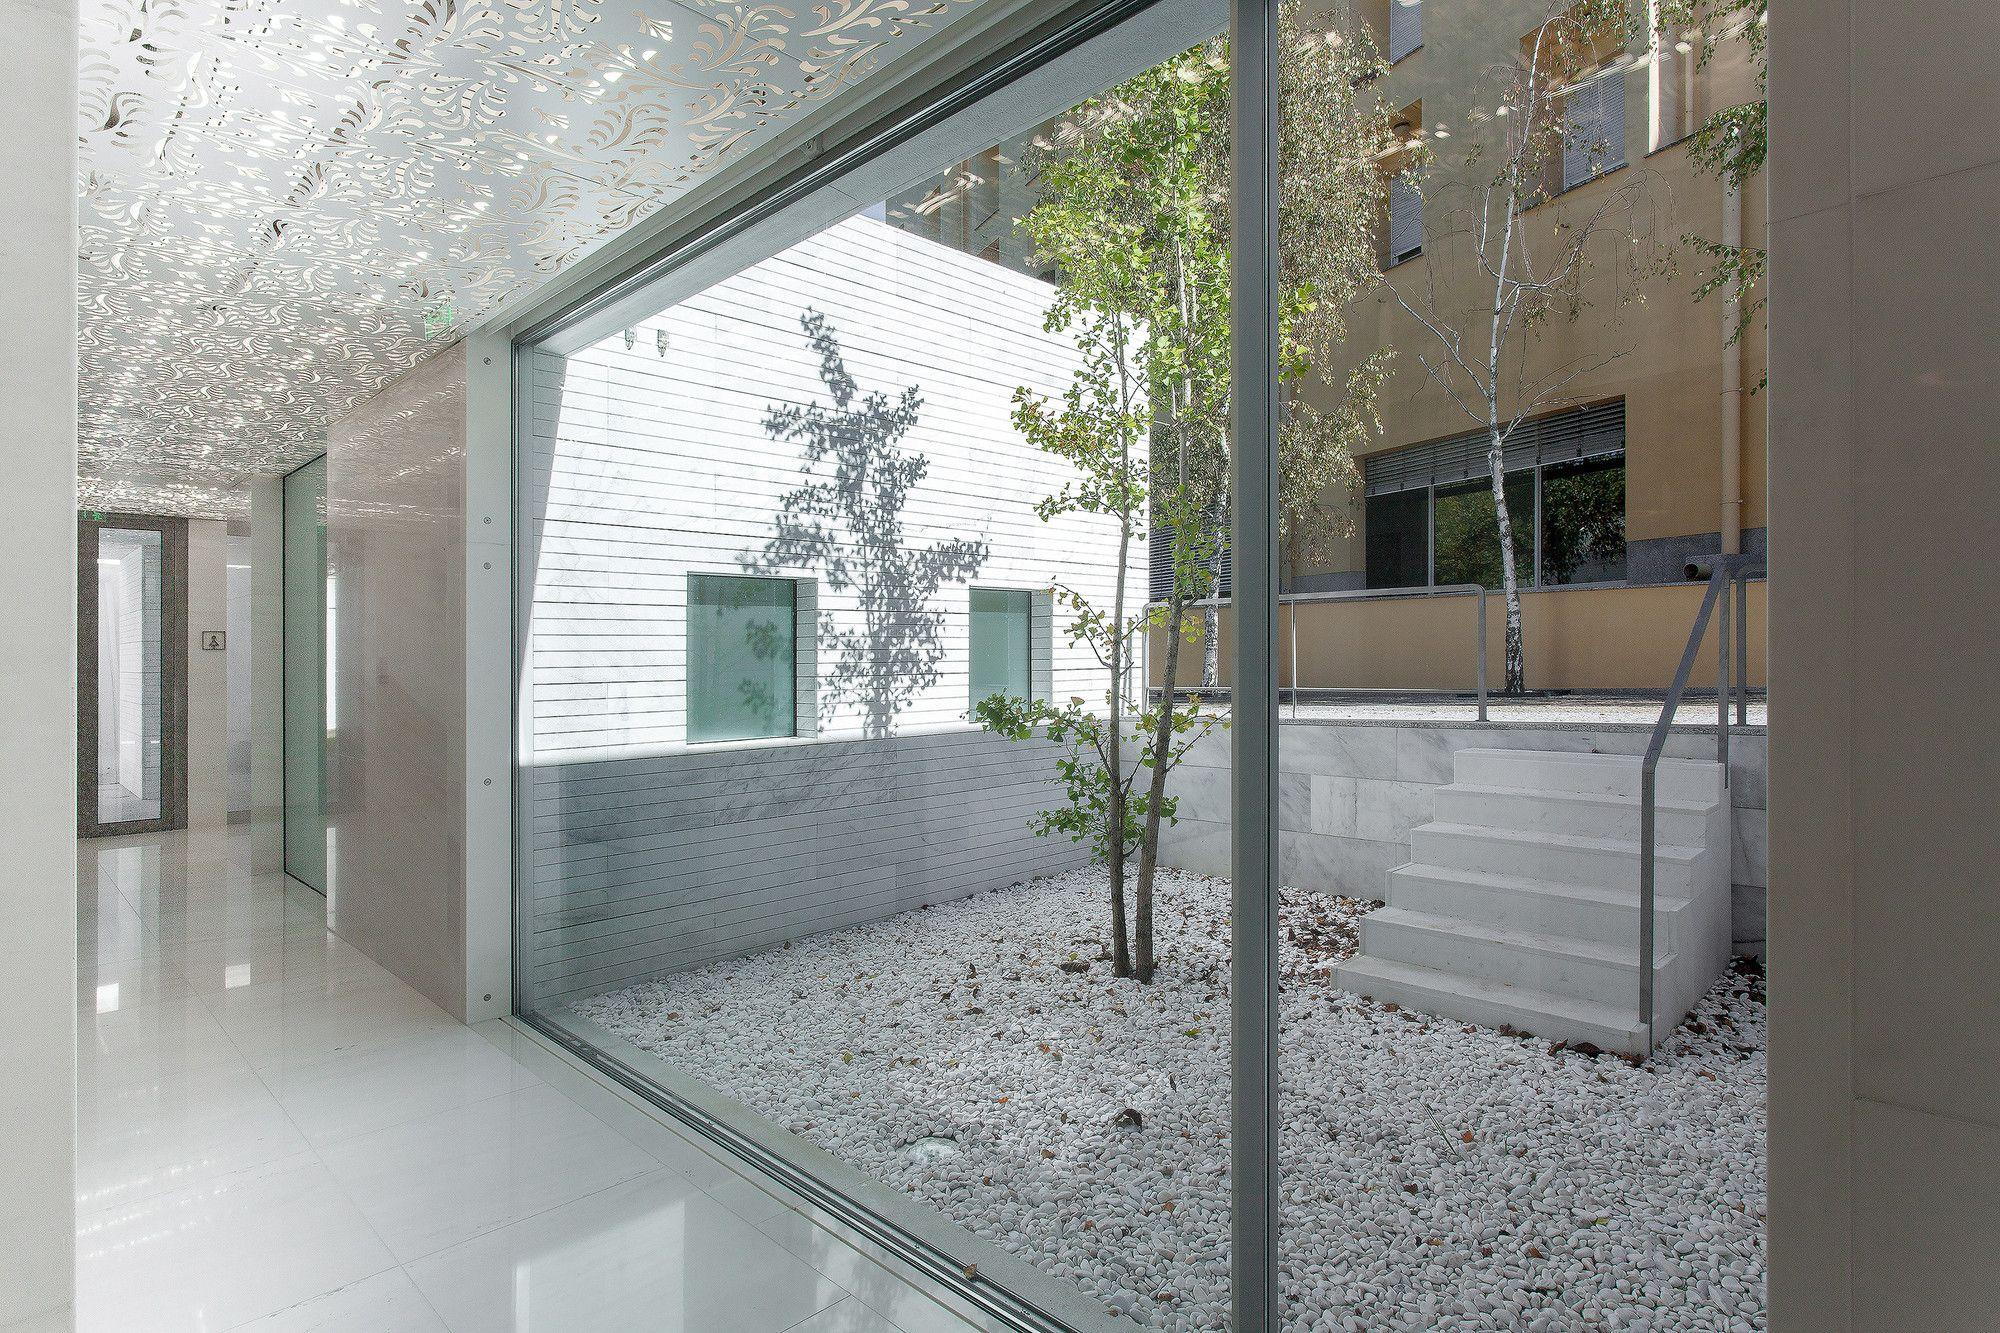 Galería de Centro social Luz Soriano / ARQX Architects - 3